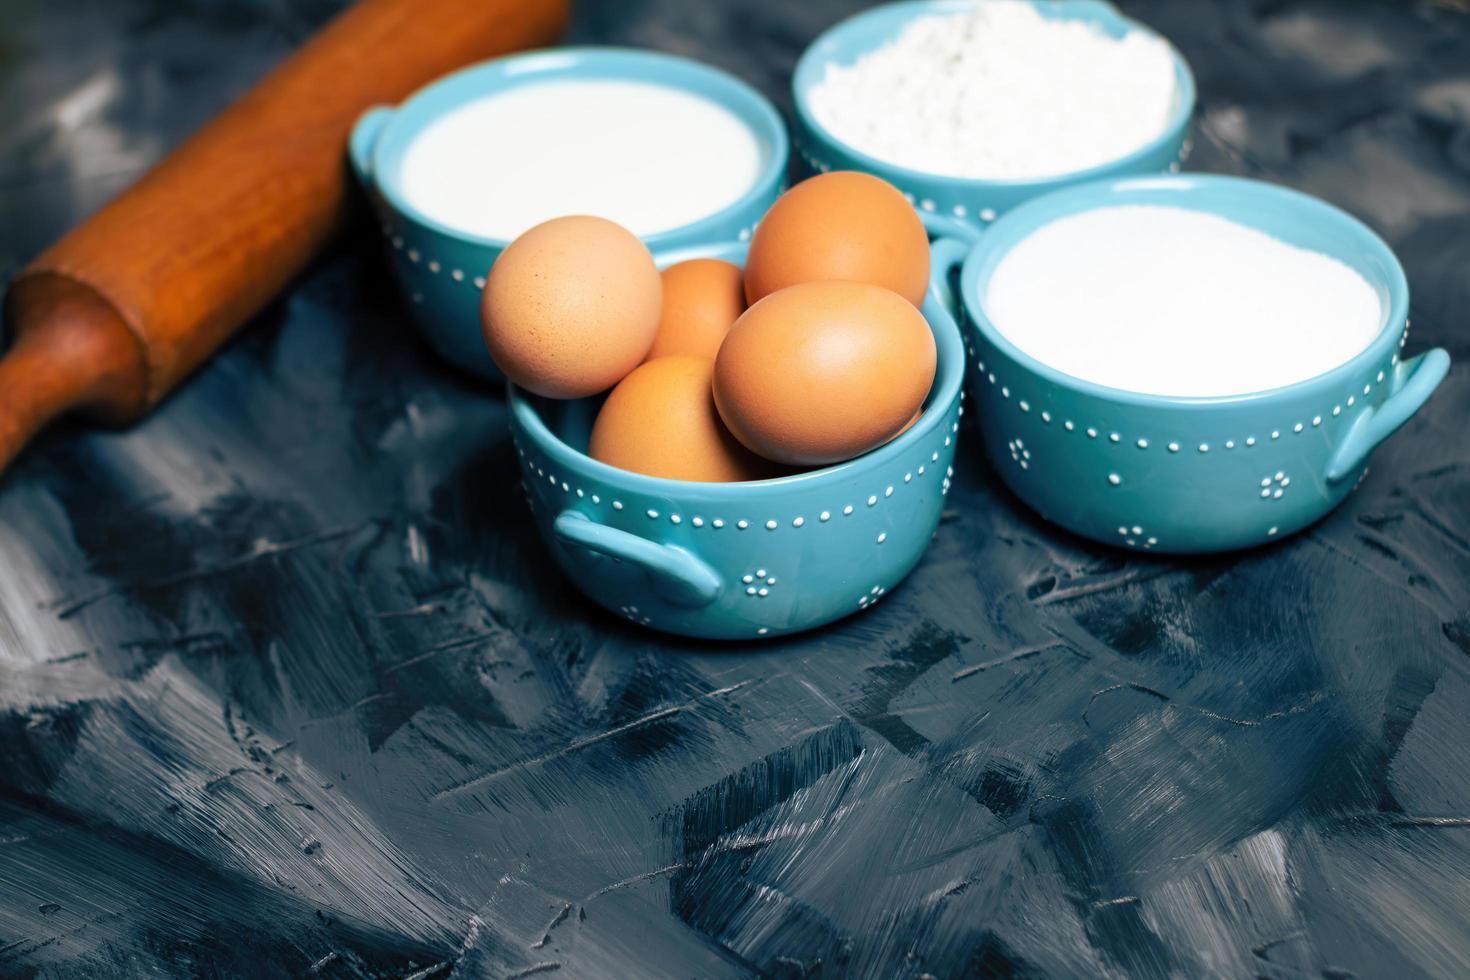 cuencos azules de ingredientes para hornear foto